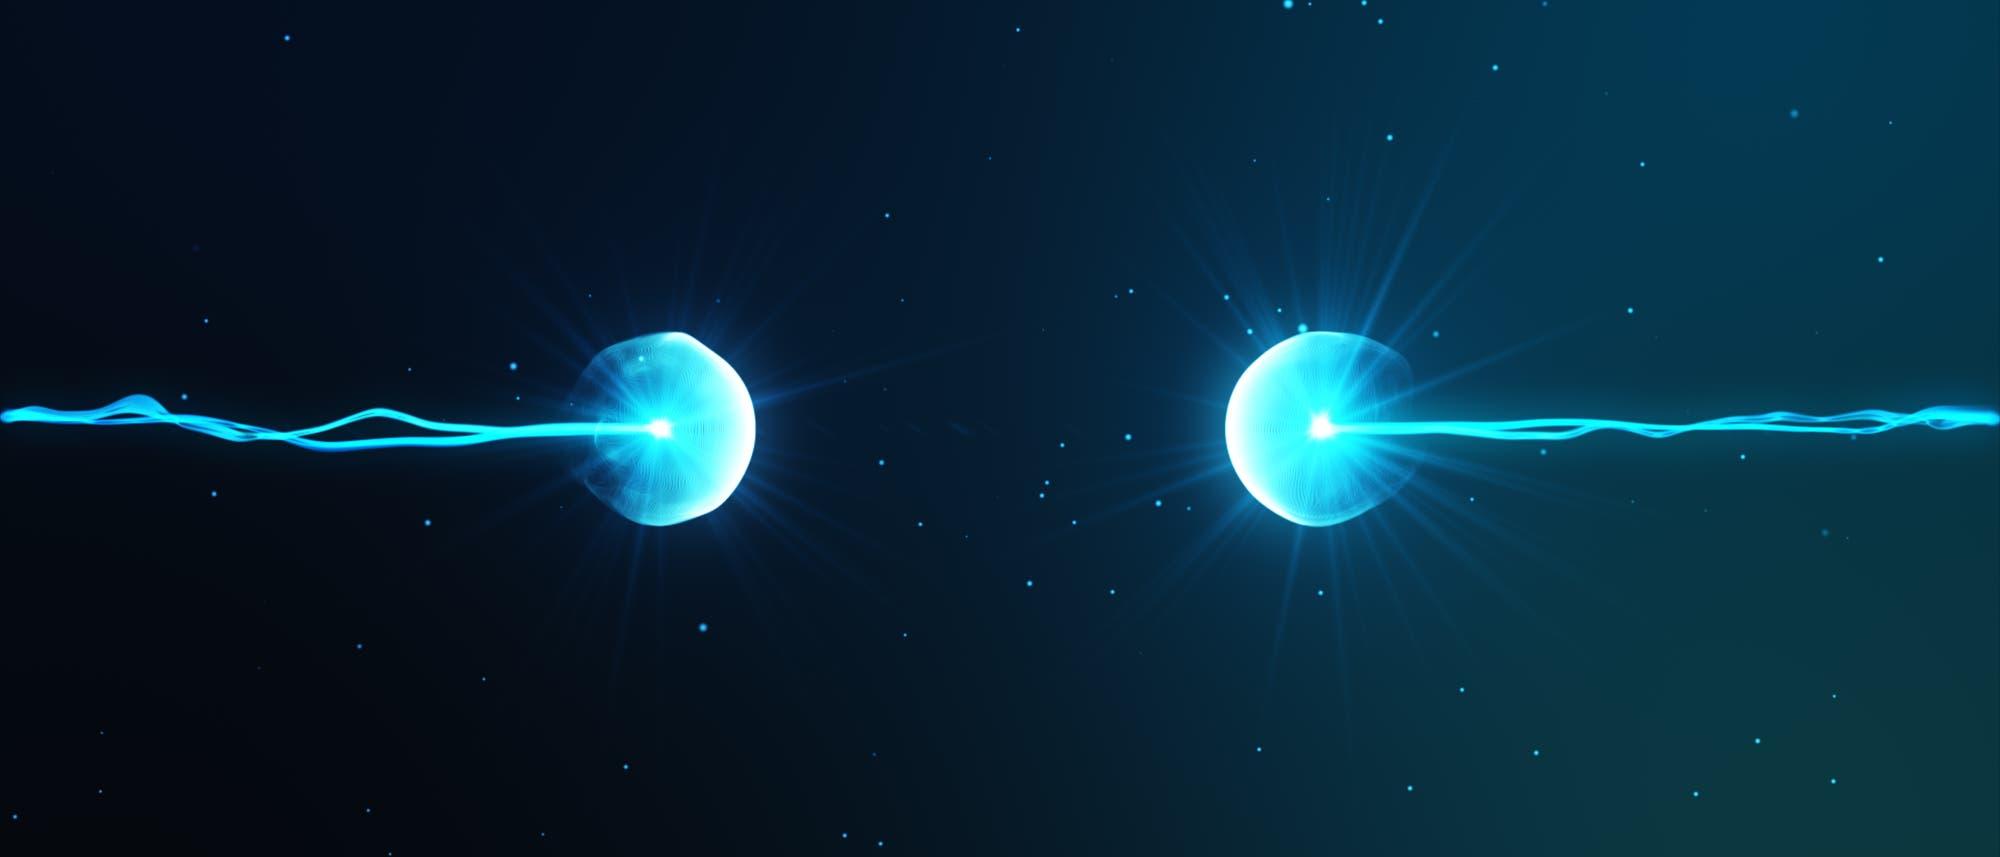 Teilchen auf Kollisionskurs